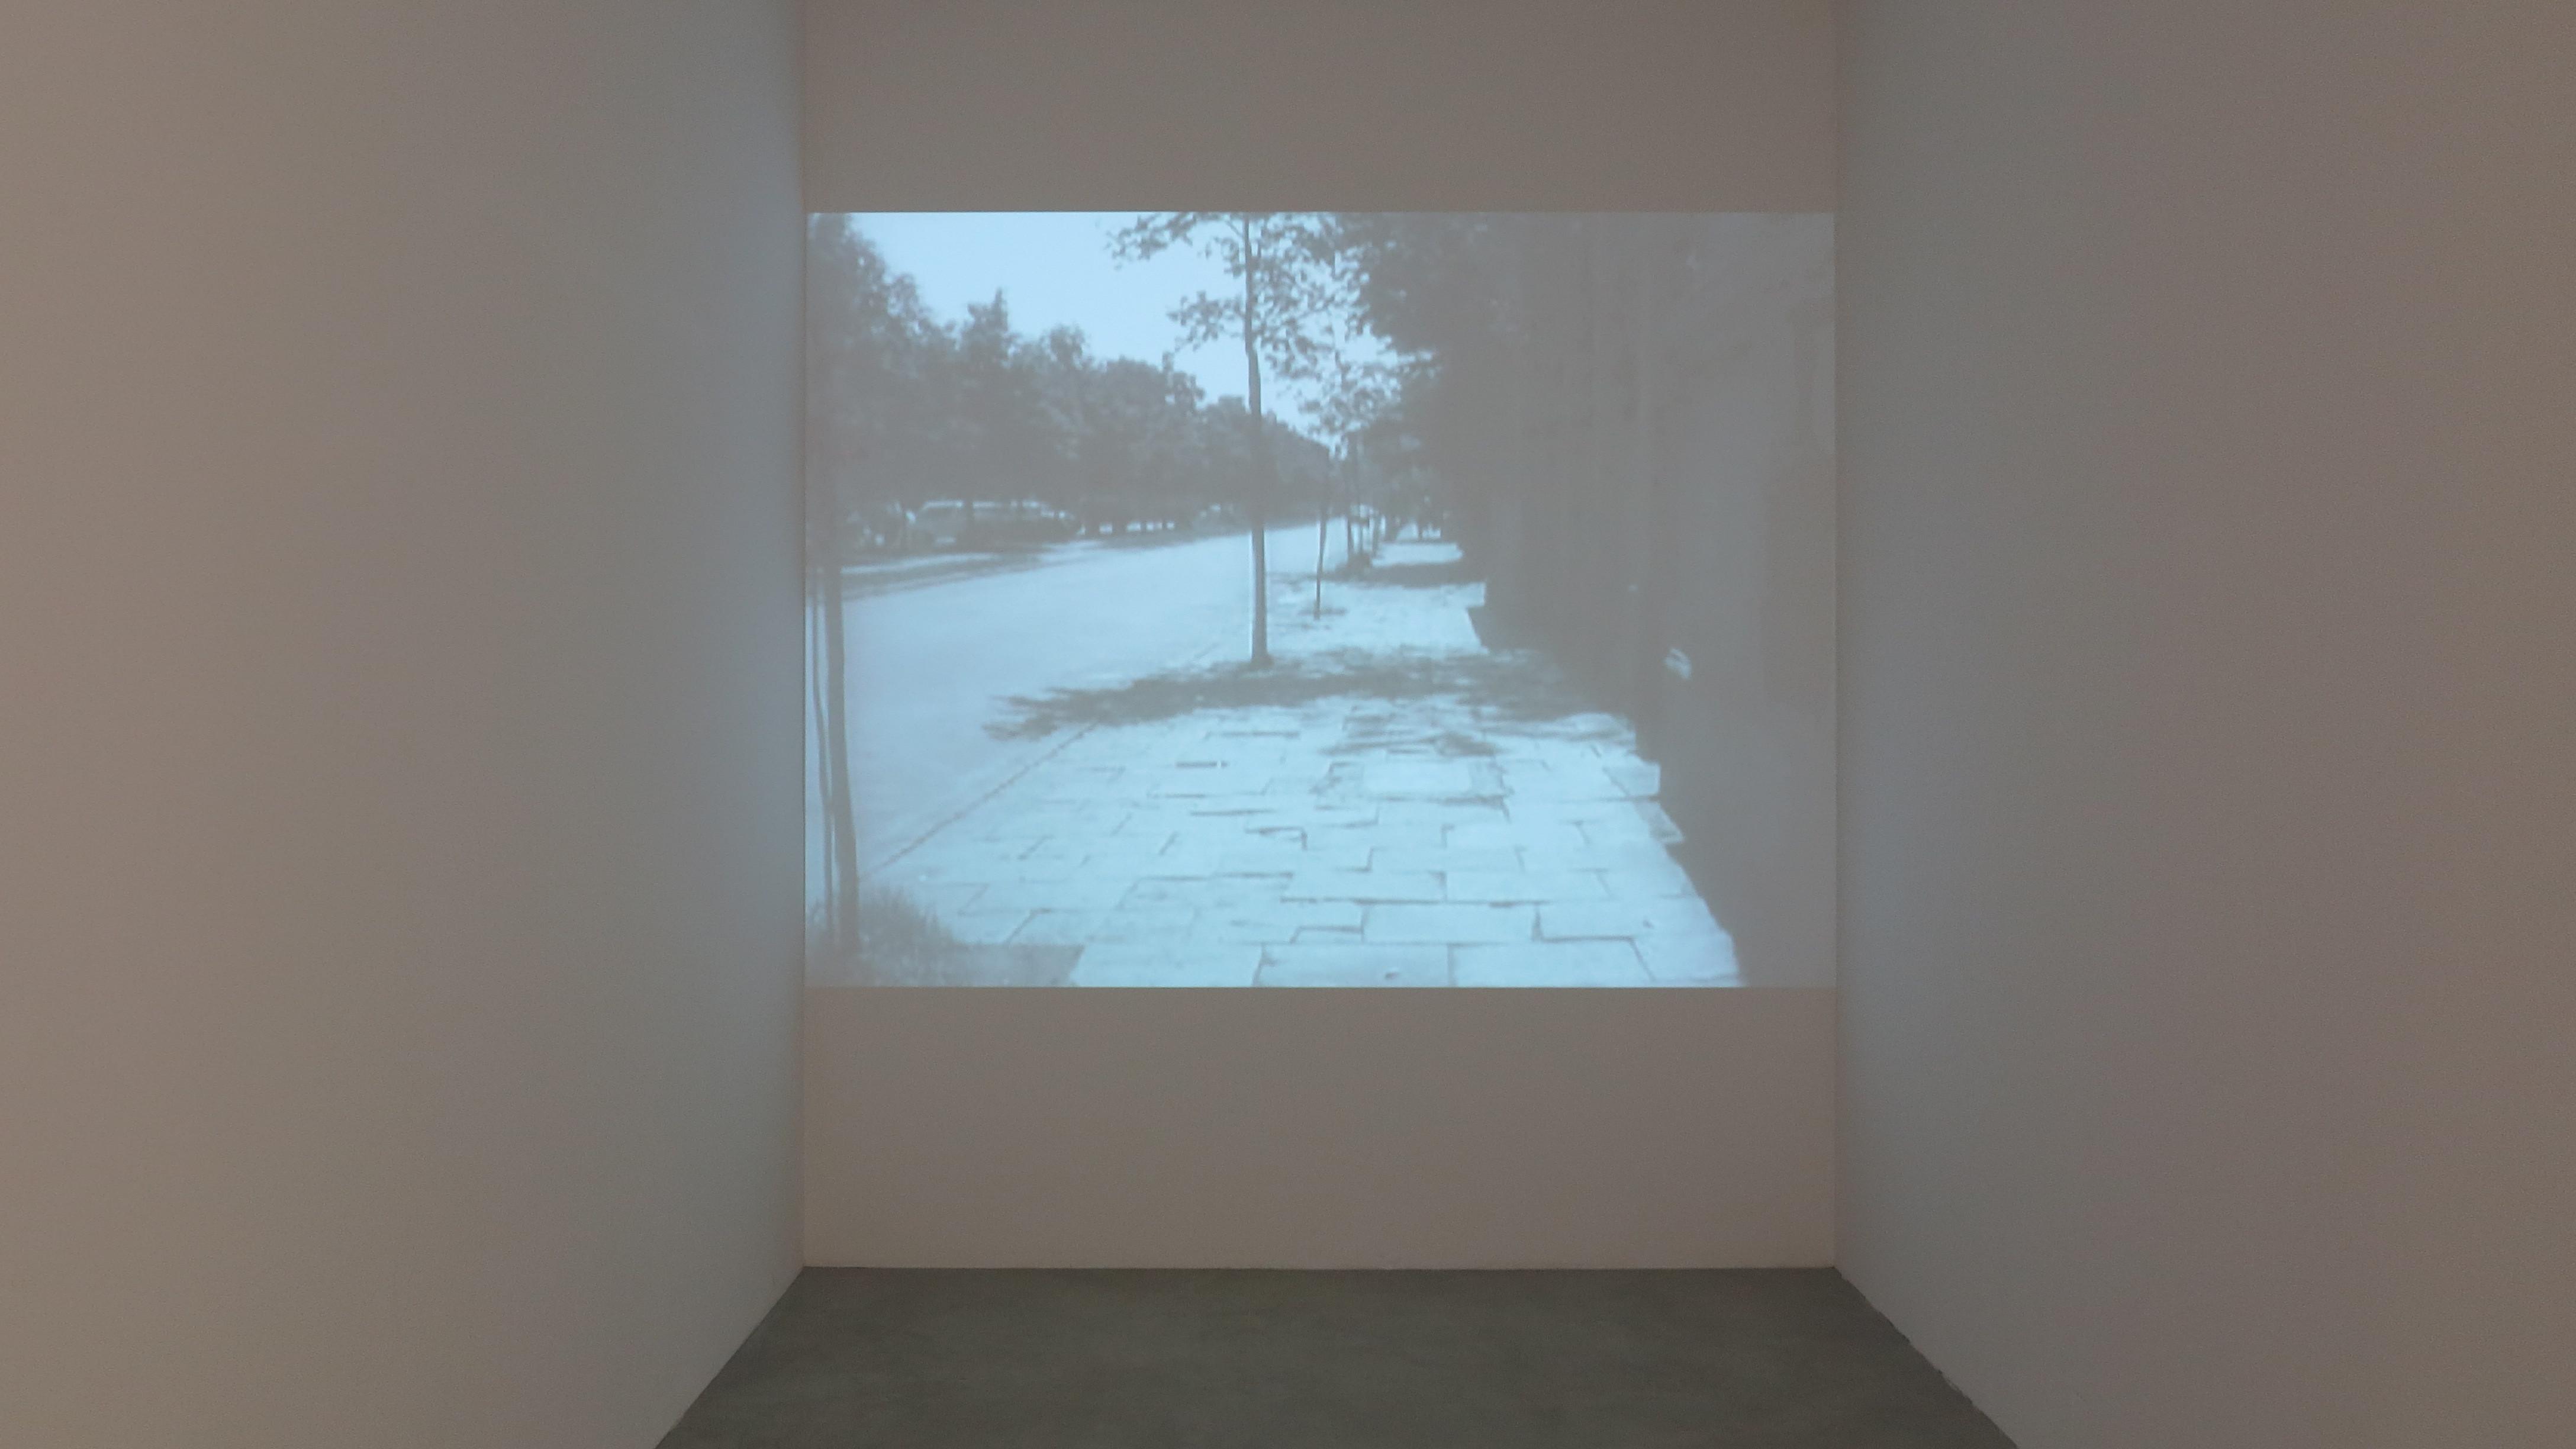 Ryszard Wasko, Time Frames. Conceptual work from the 70's, 2014 wgalerii ŻAK | BRANICKA, Berlin |  © Ryszard Wasko, dzięki uprzejmości ŻAK | BRANICKA